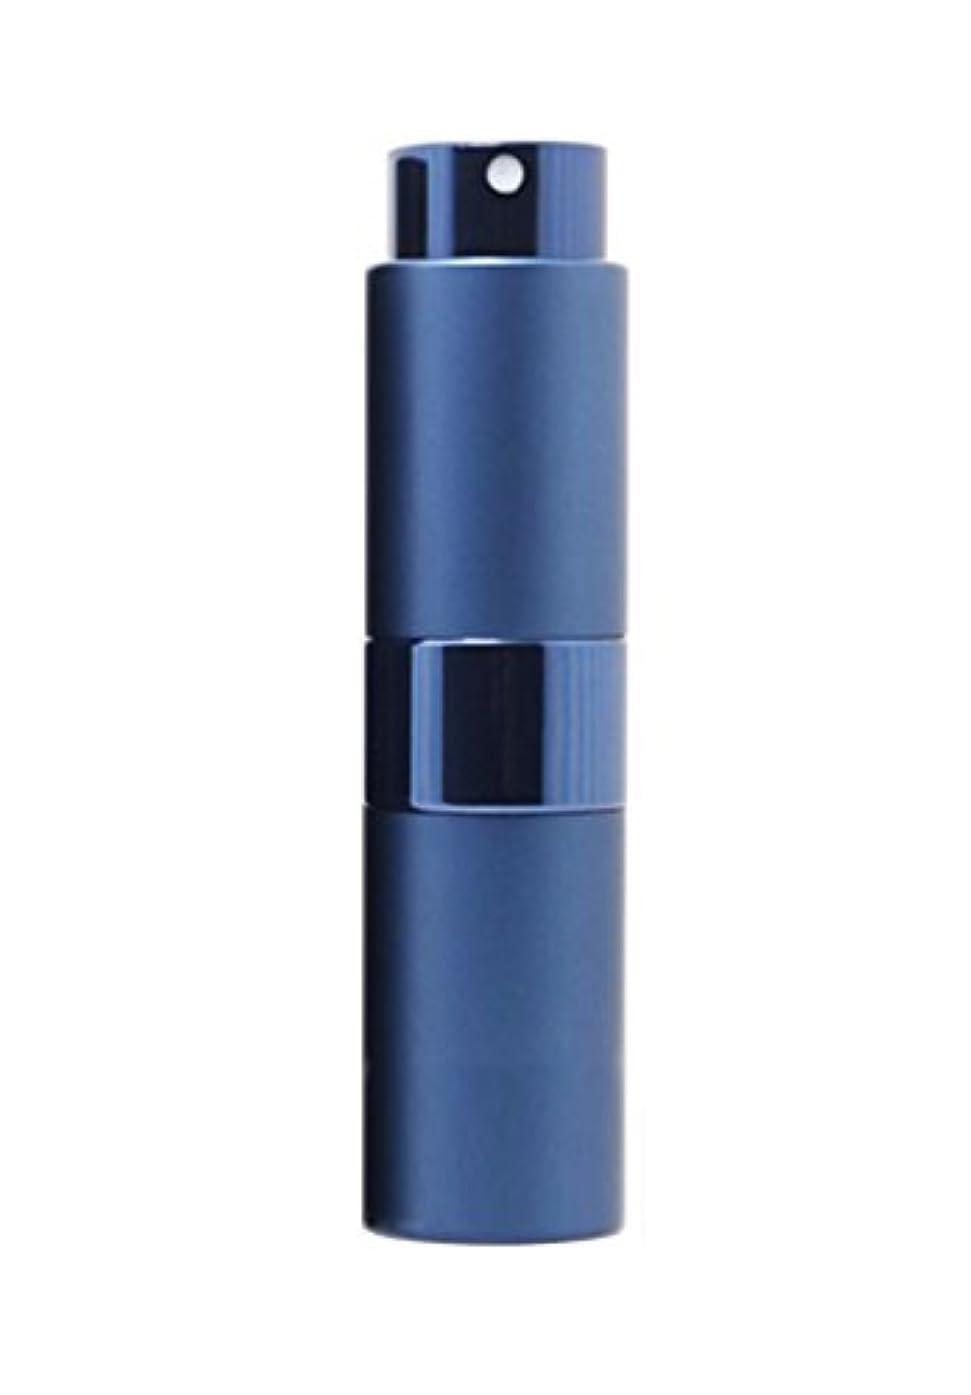 キュービック湿原支配するNYSh 香水 アトマイザー プッシュ式 スプレー 詰め替え 携帯 身だしなみ メンズ 15ml (ブルー)